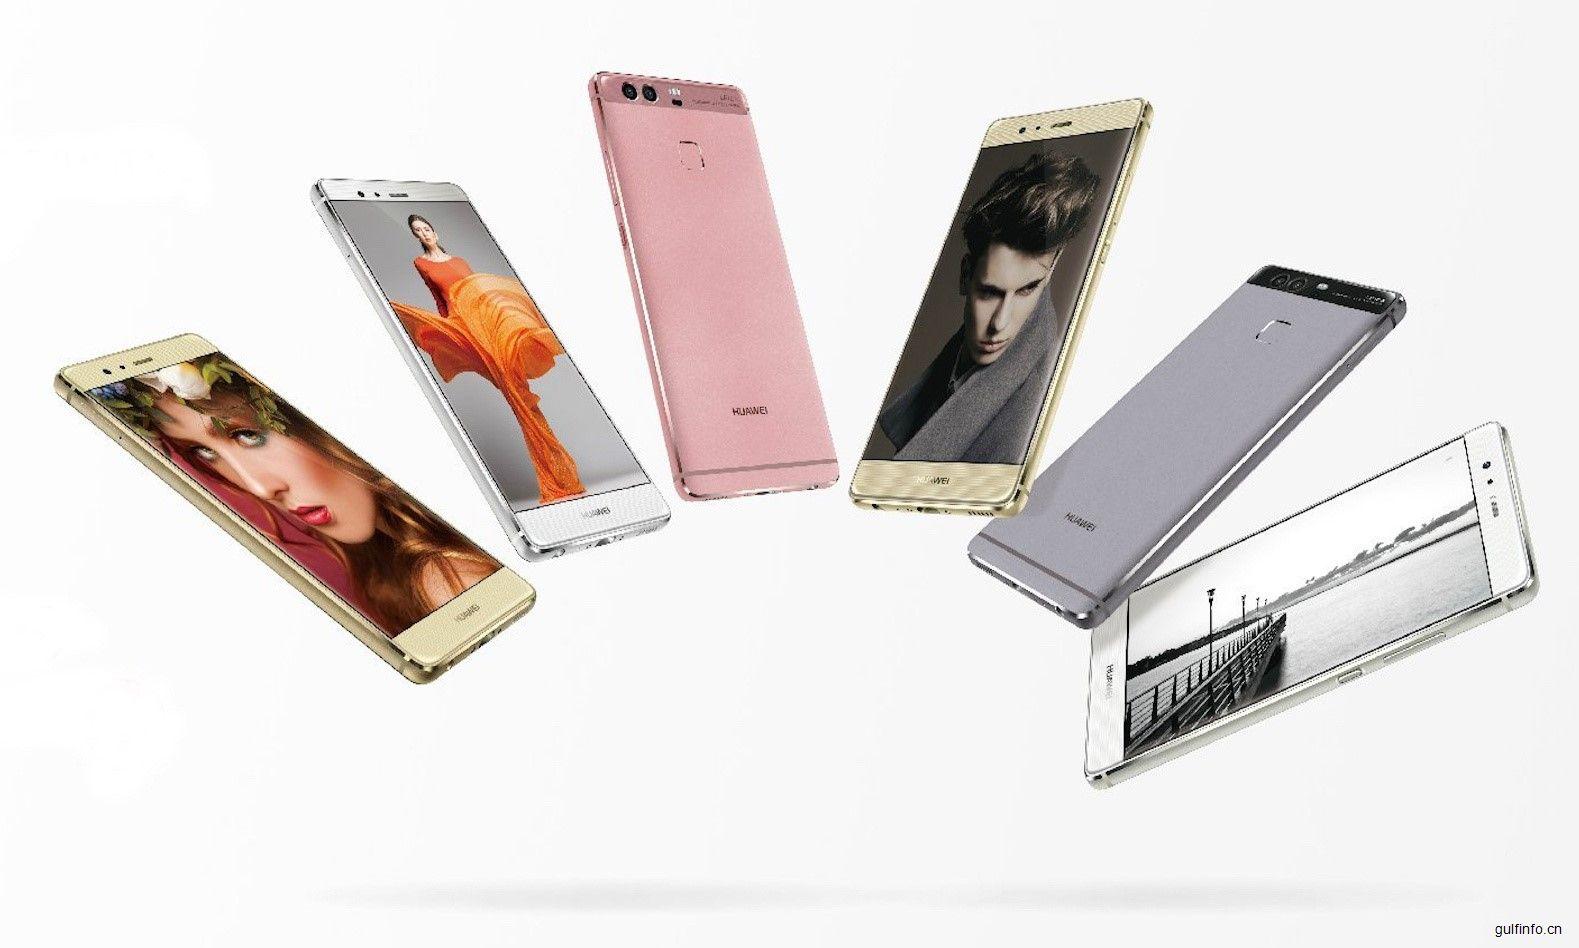 埃及市场上10款畅销手机  中国品牌占据七席